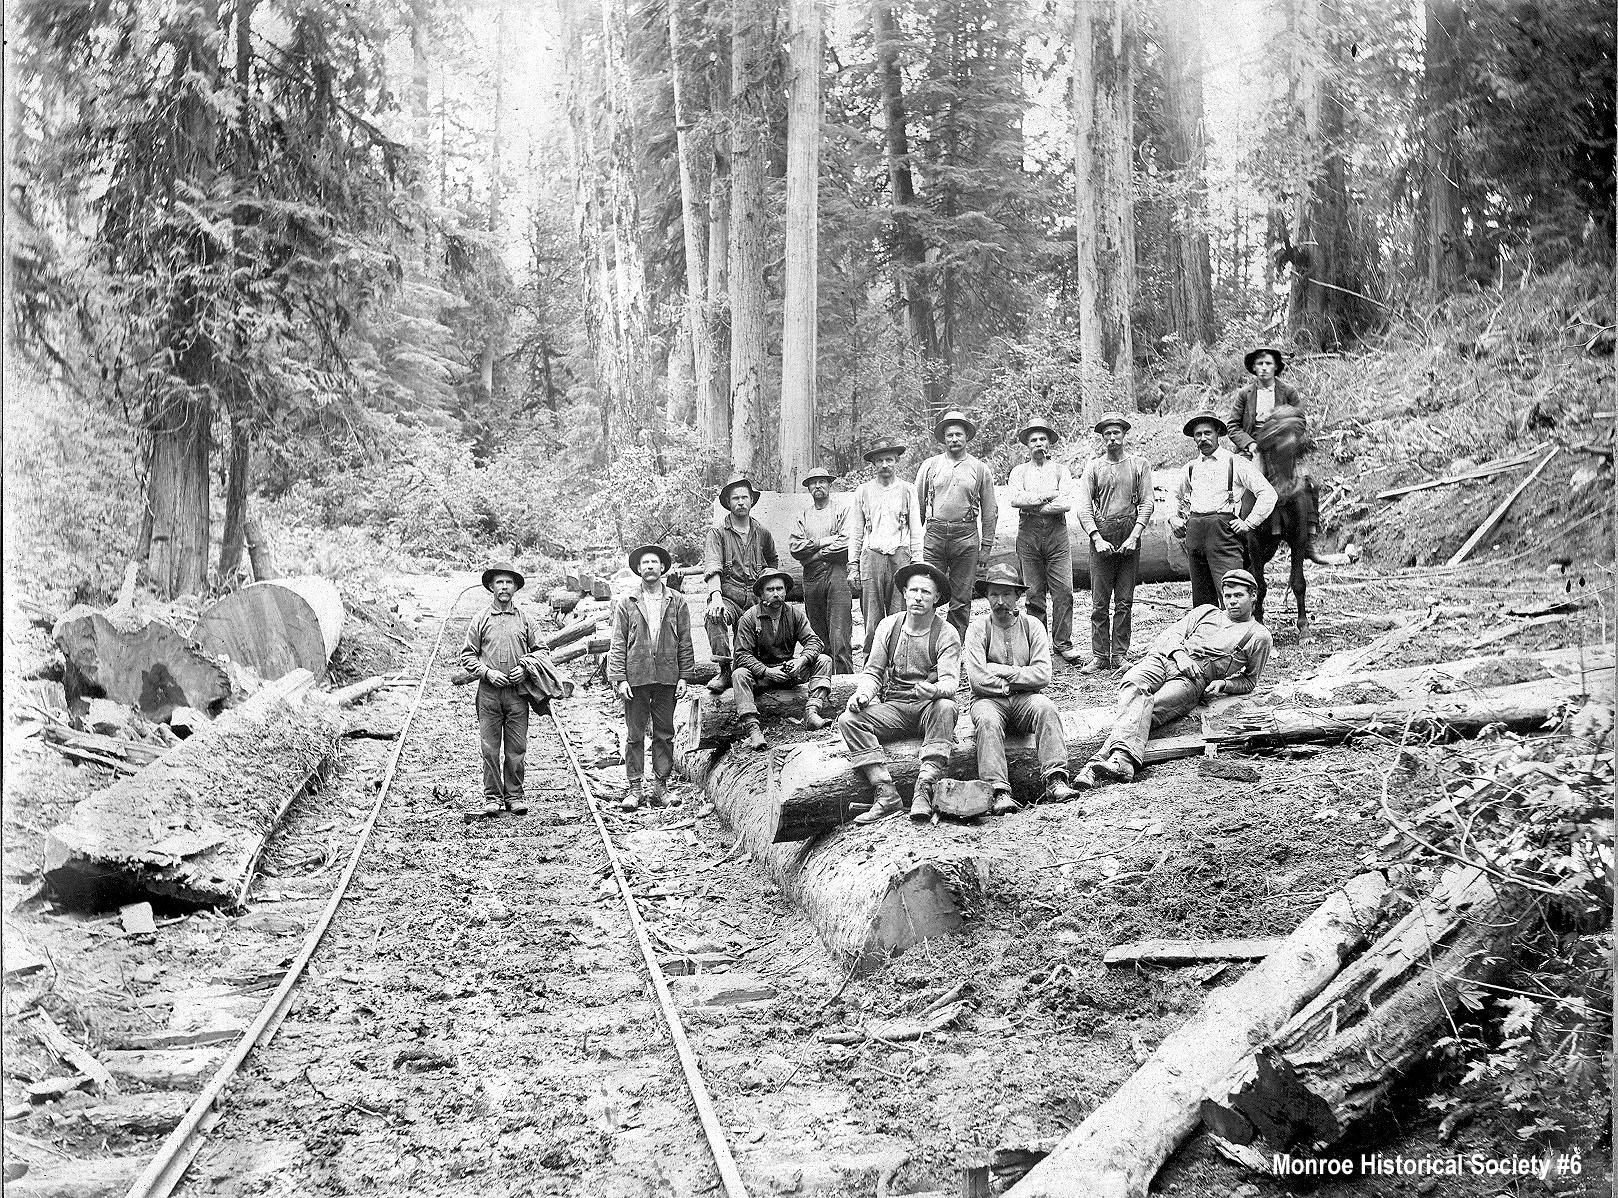 0006 – Loggers on railroad tracks